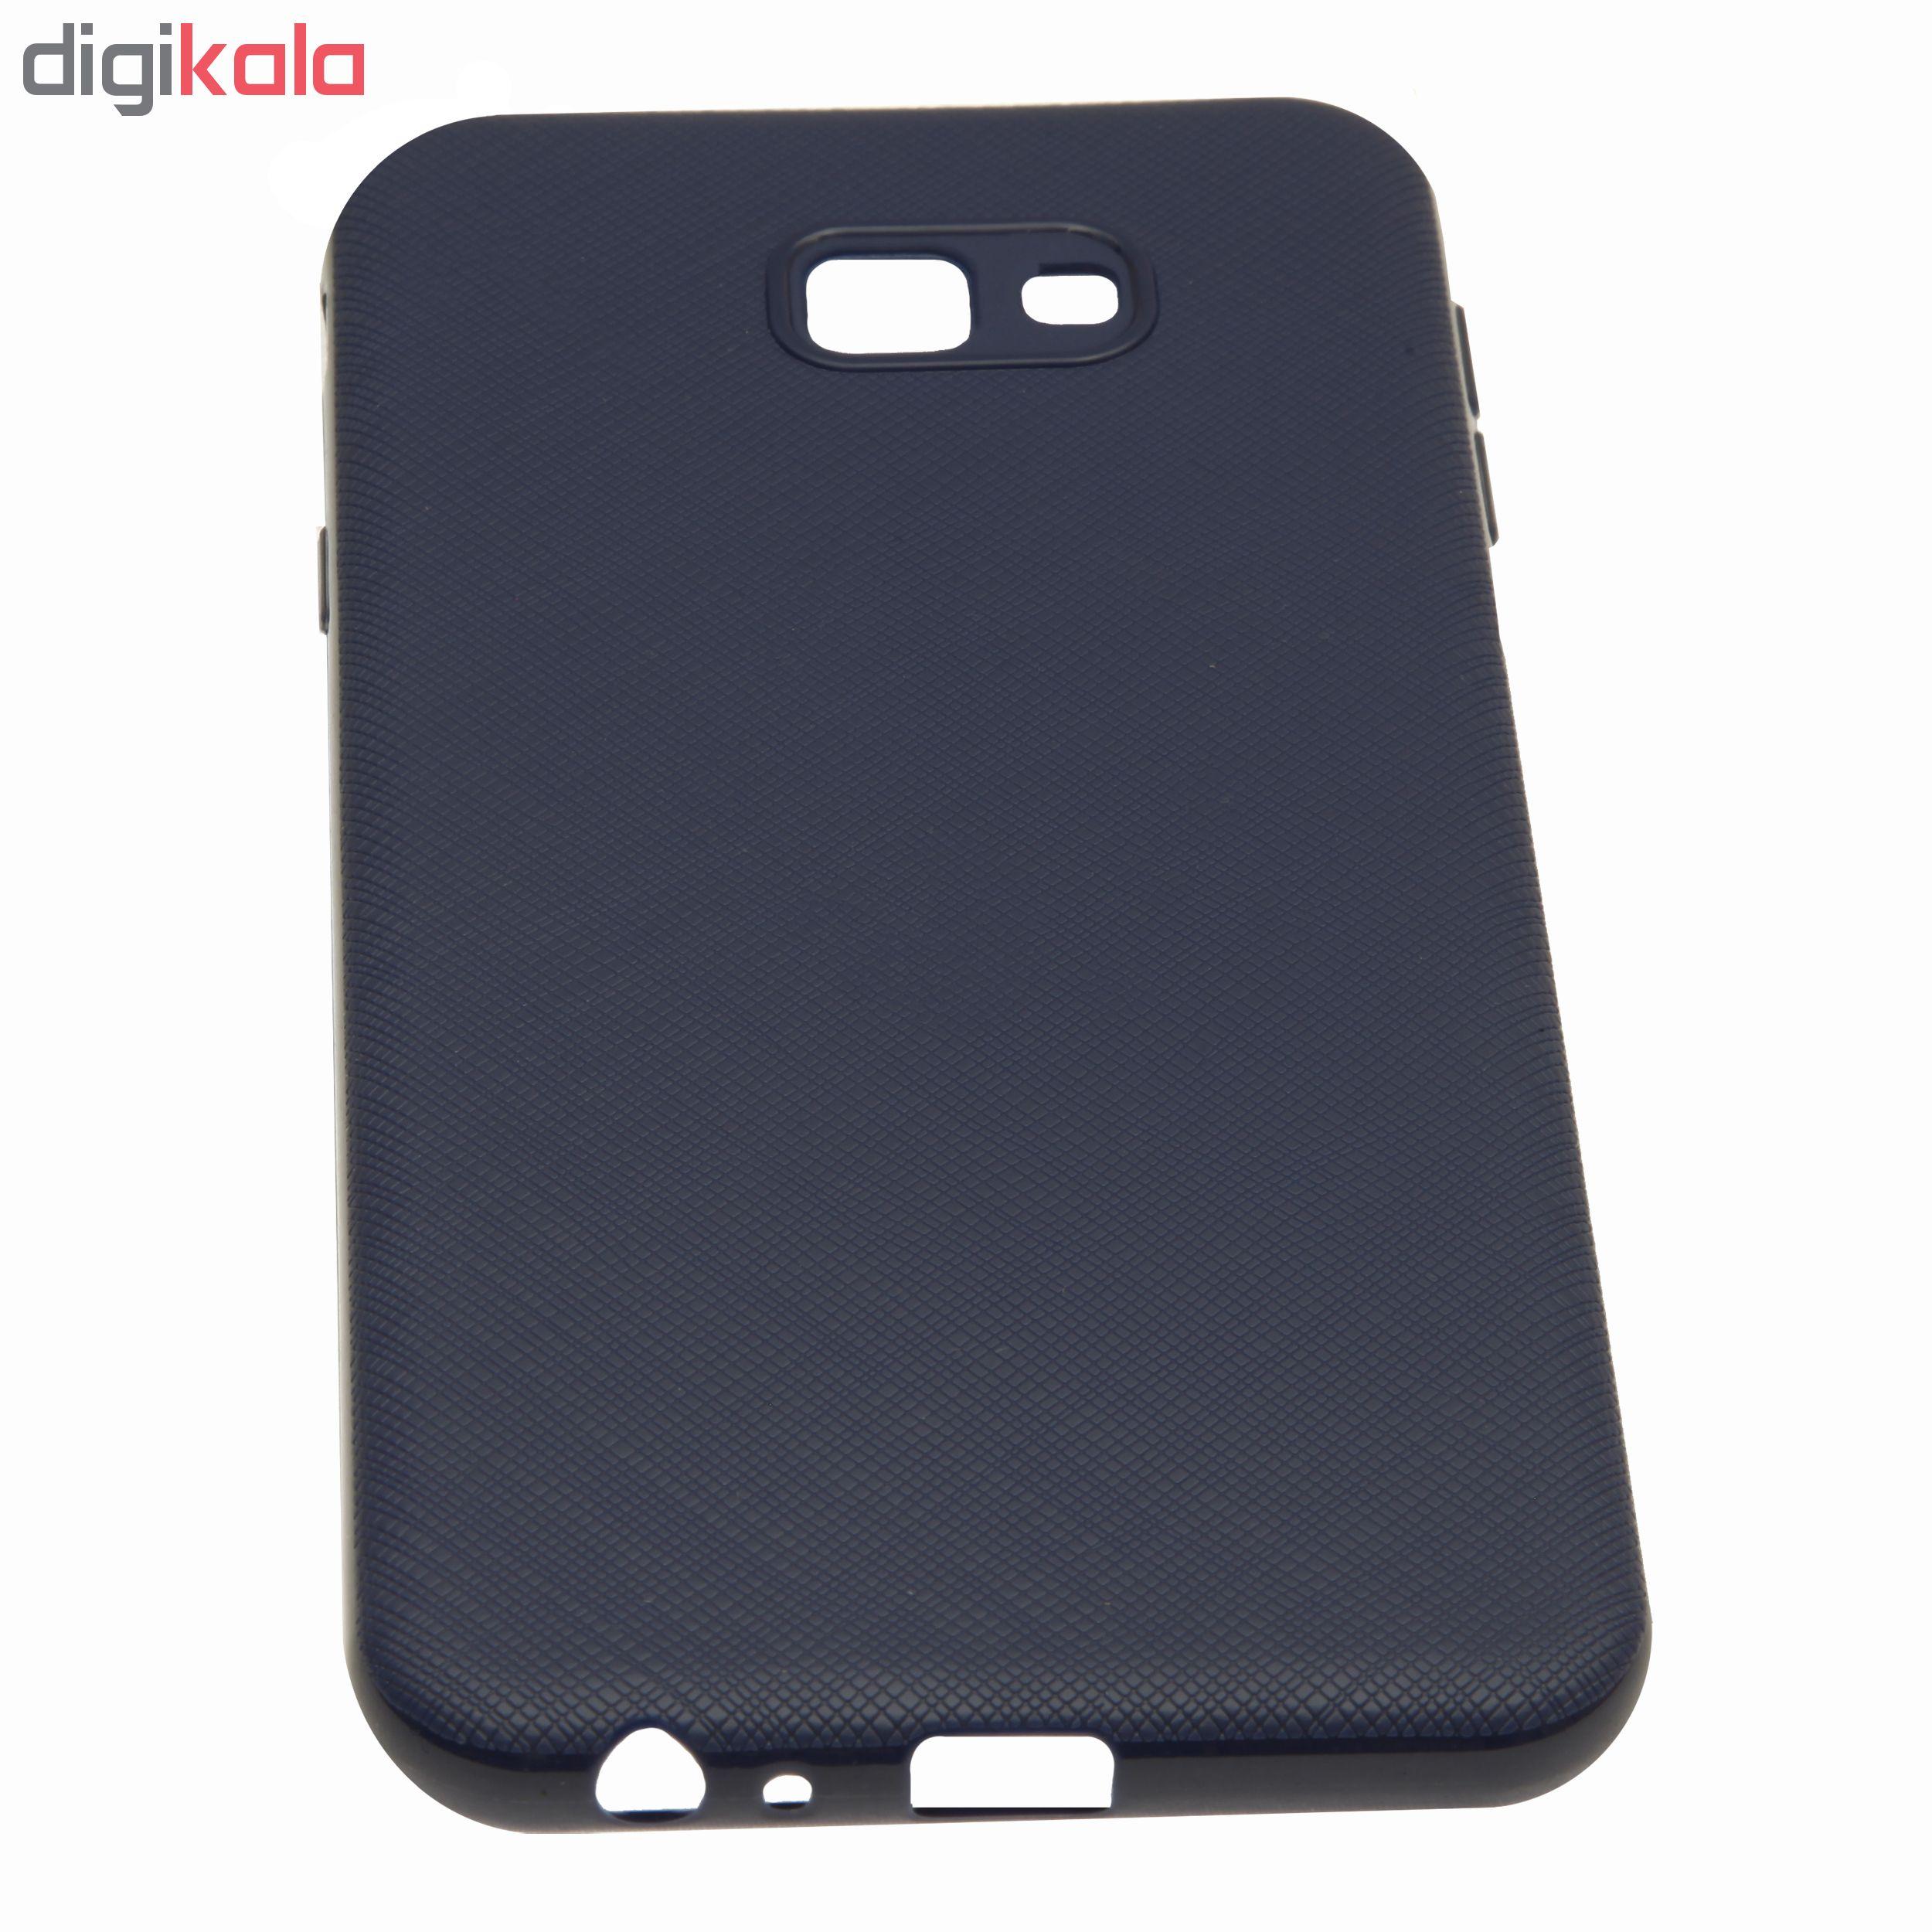 کاور سومگ مدل SC-i001 مناسب برای گوشی موبایل سامسونگ J4 Plus main 1 5